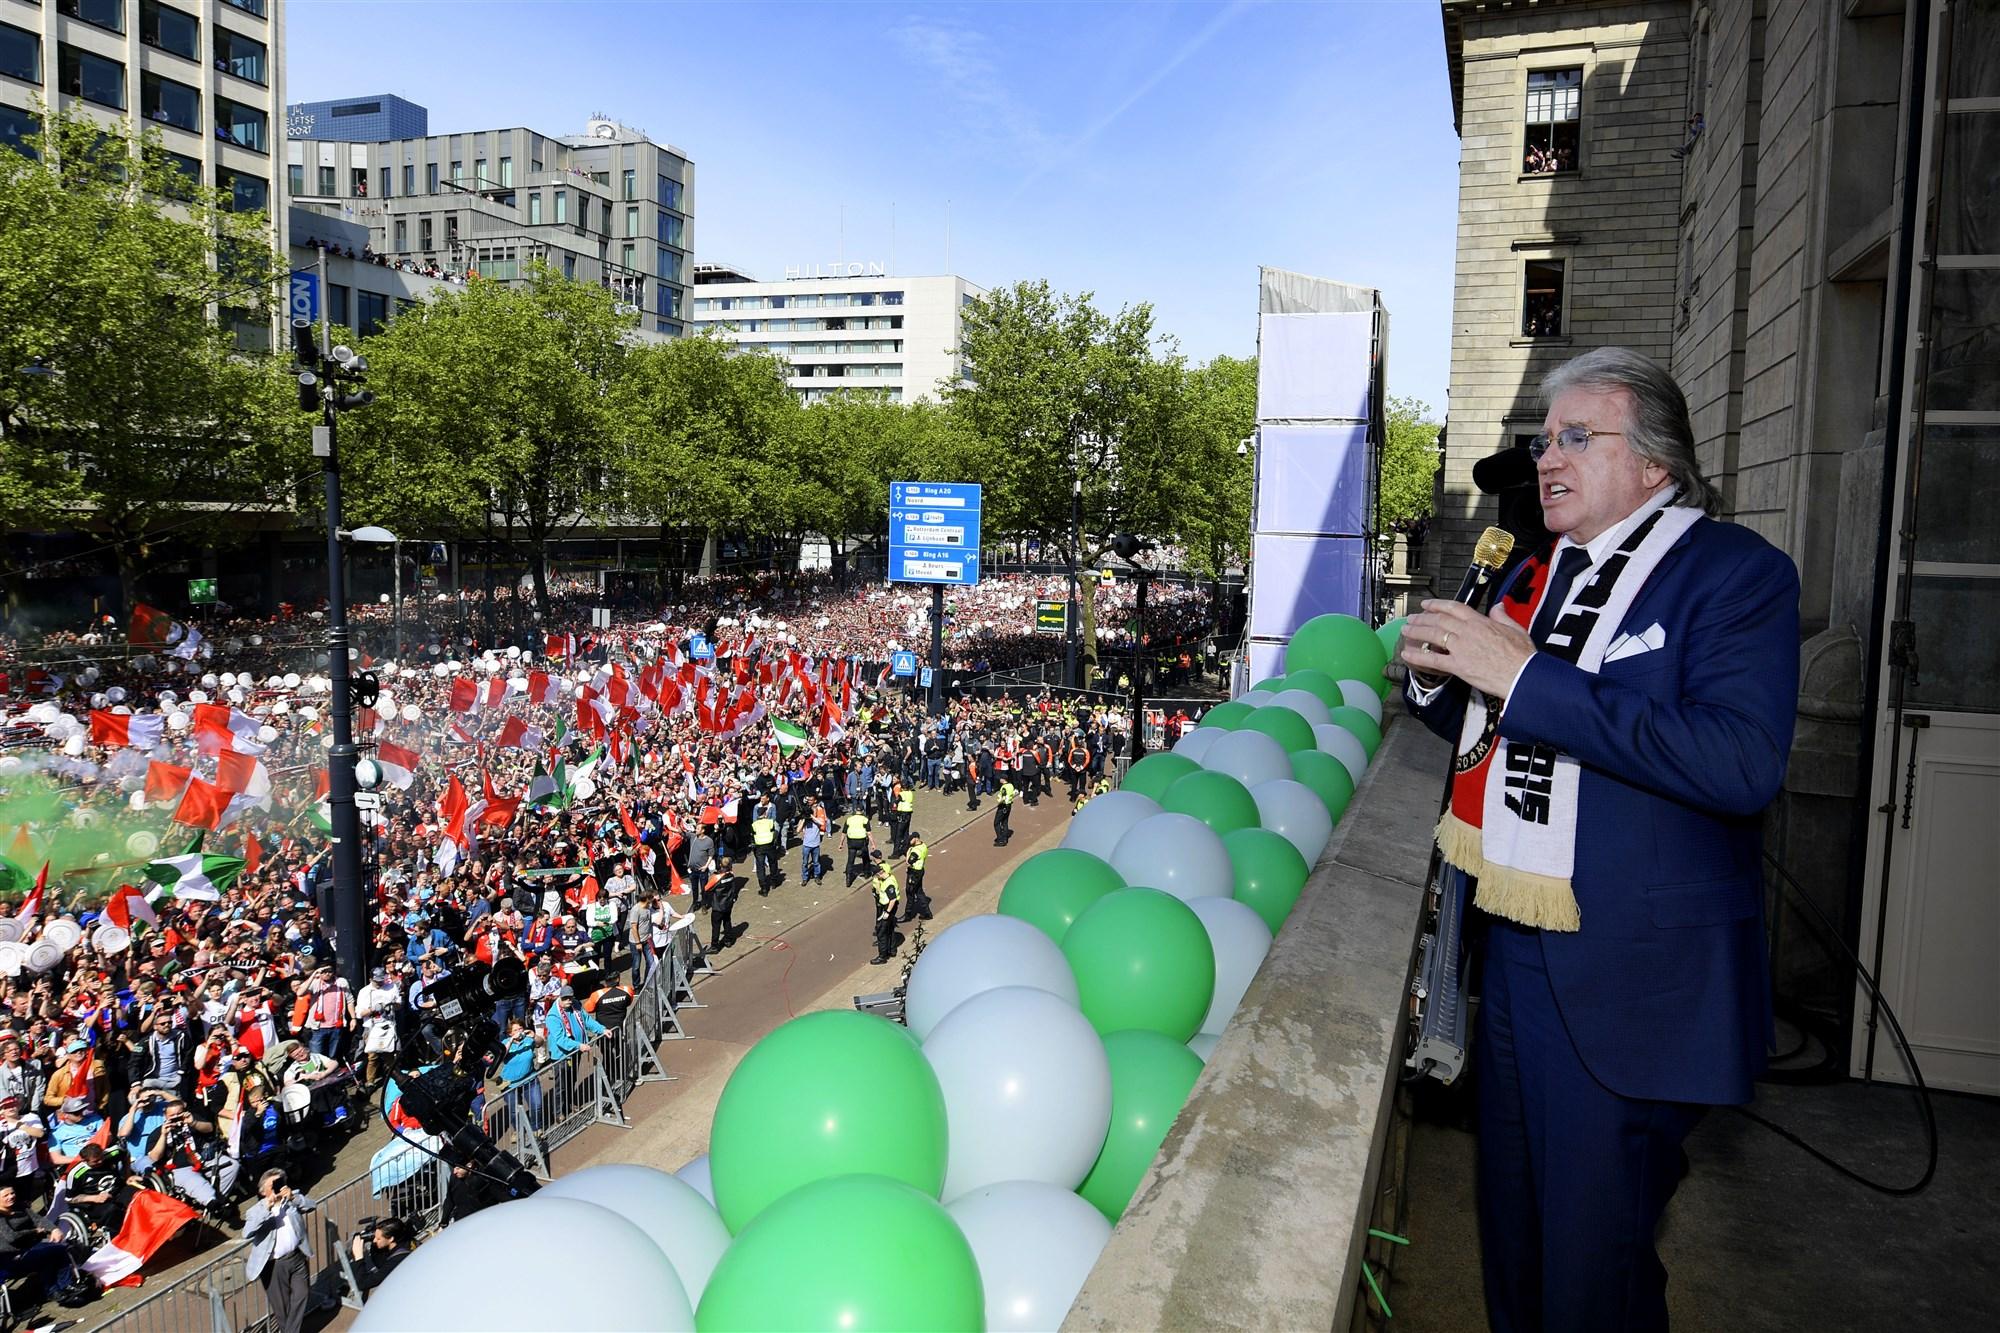 Lee Towers huldiging Feyenoord